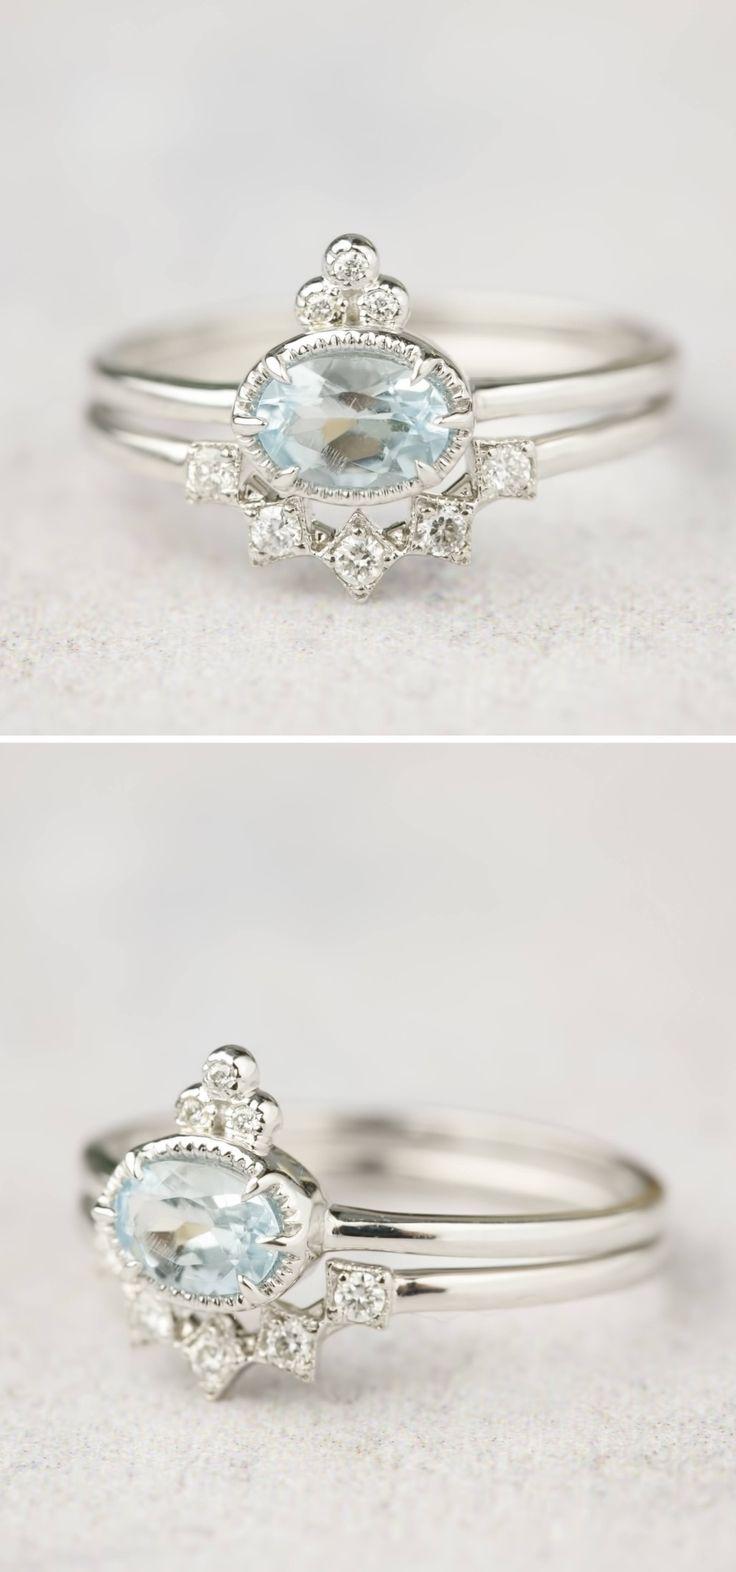 Aquamarine Engagement Ring || Alternative Engagement Ring || Budget Friendly Engagement Ring #Engaged